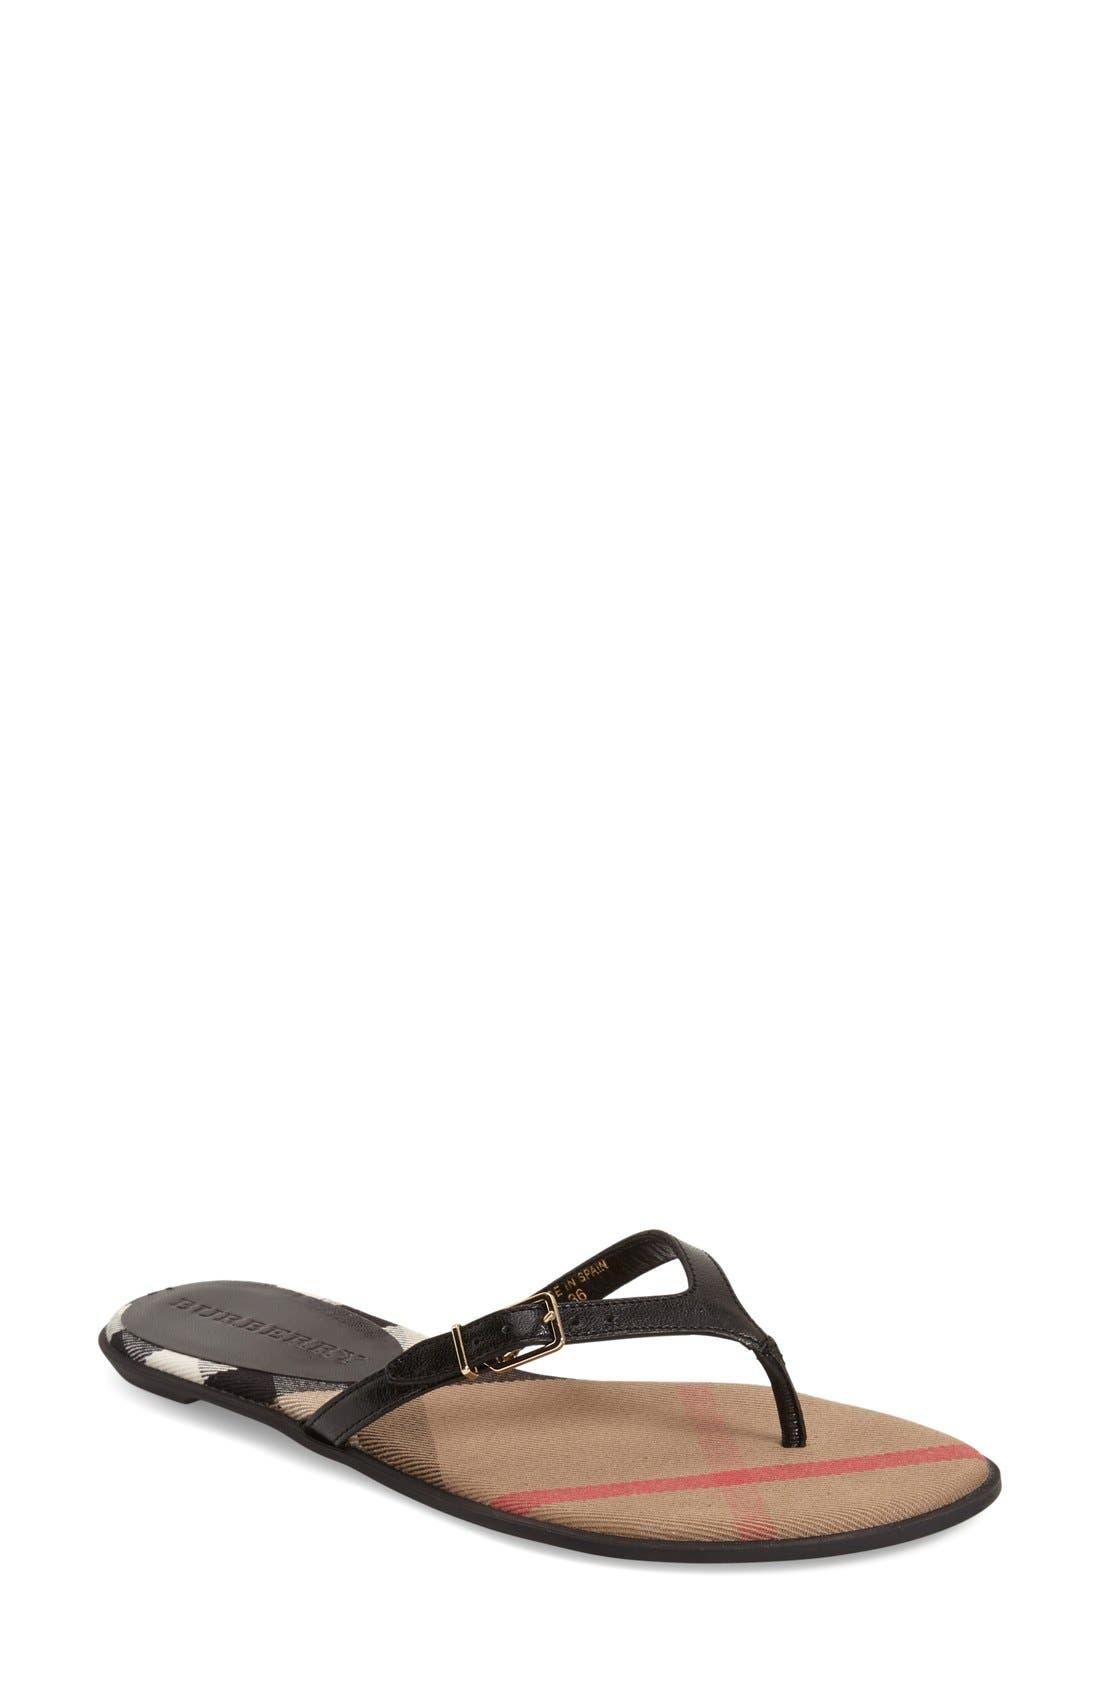 'Meadow' Sandal,                         Main,                         color, 001